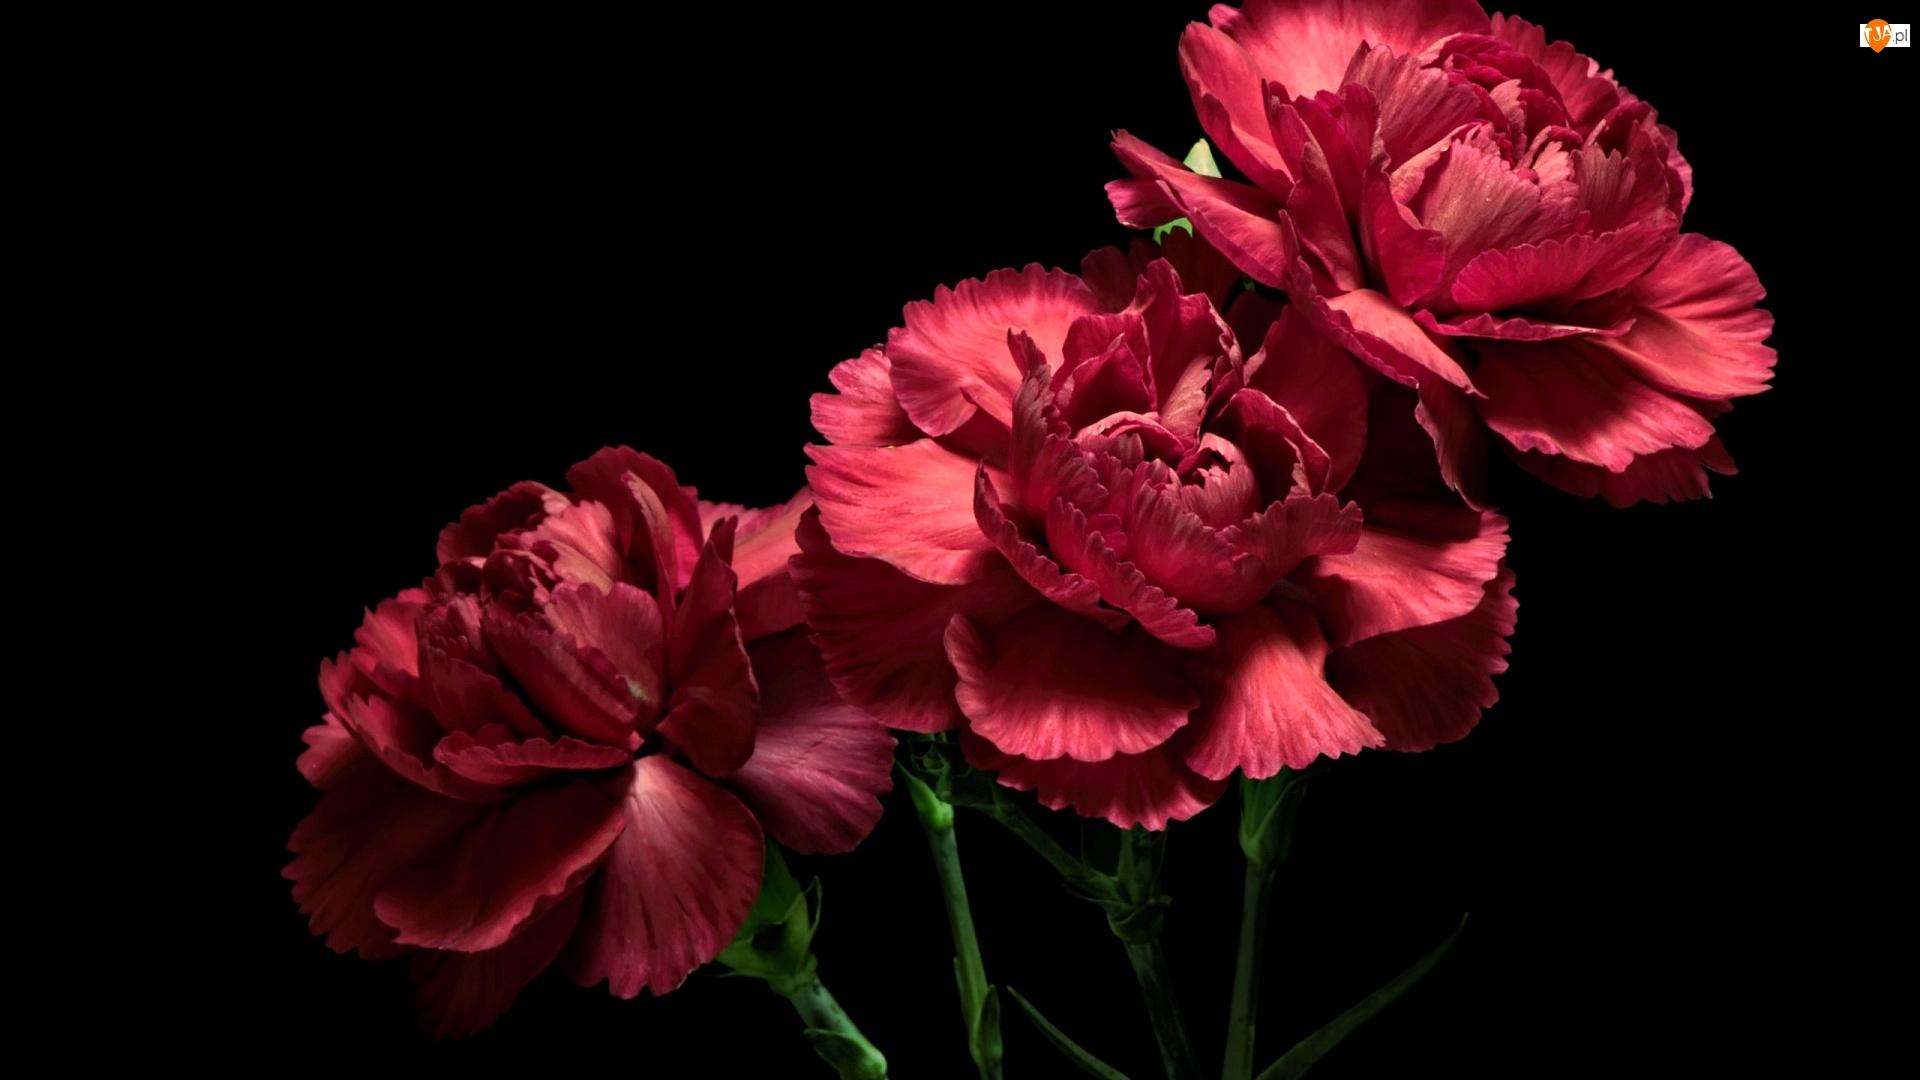 Ciemne tło, Kwiaty, Goździki